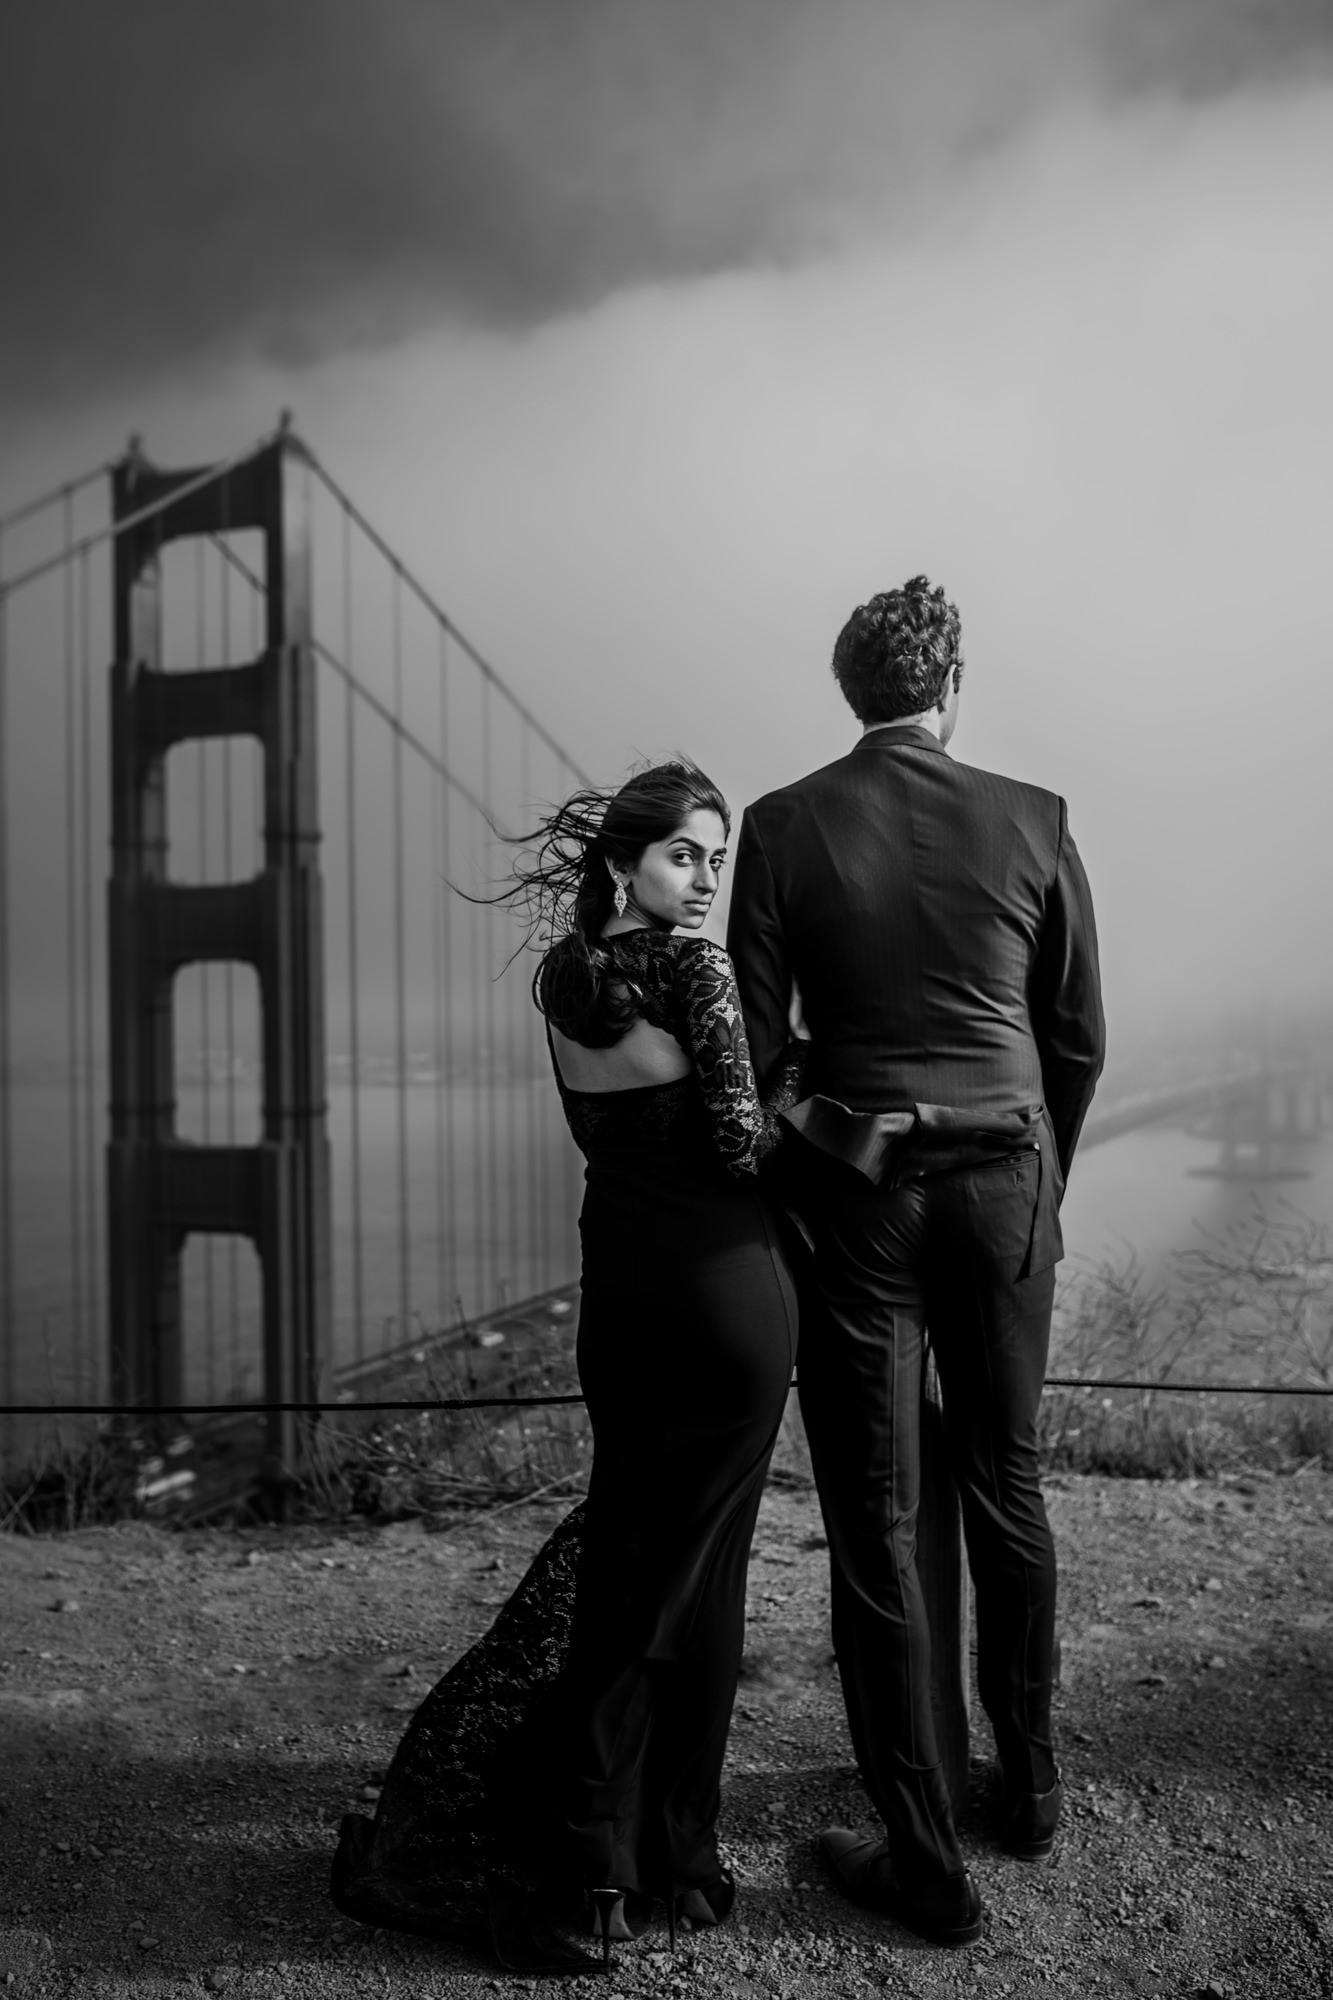 Film noir bride with groom at Golden Gate image by Rimi Sen